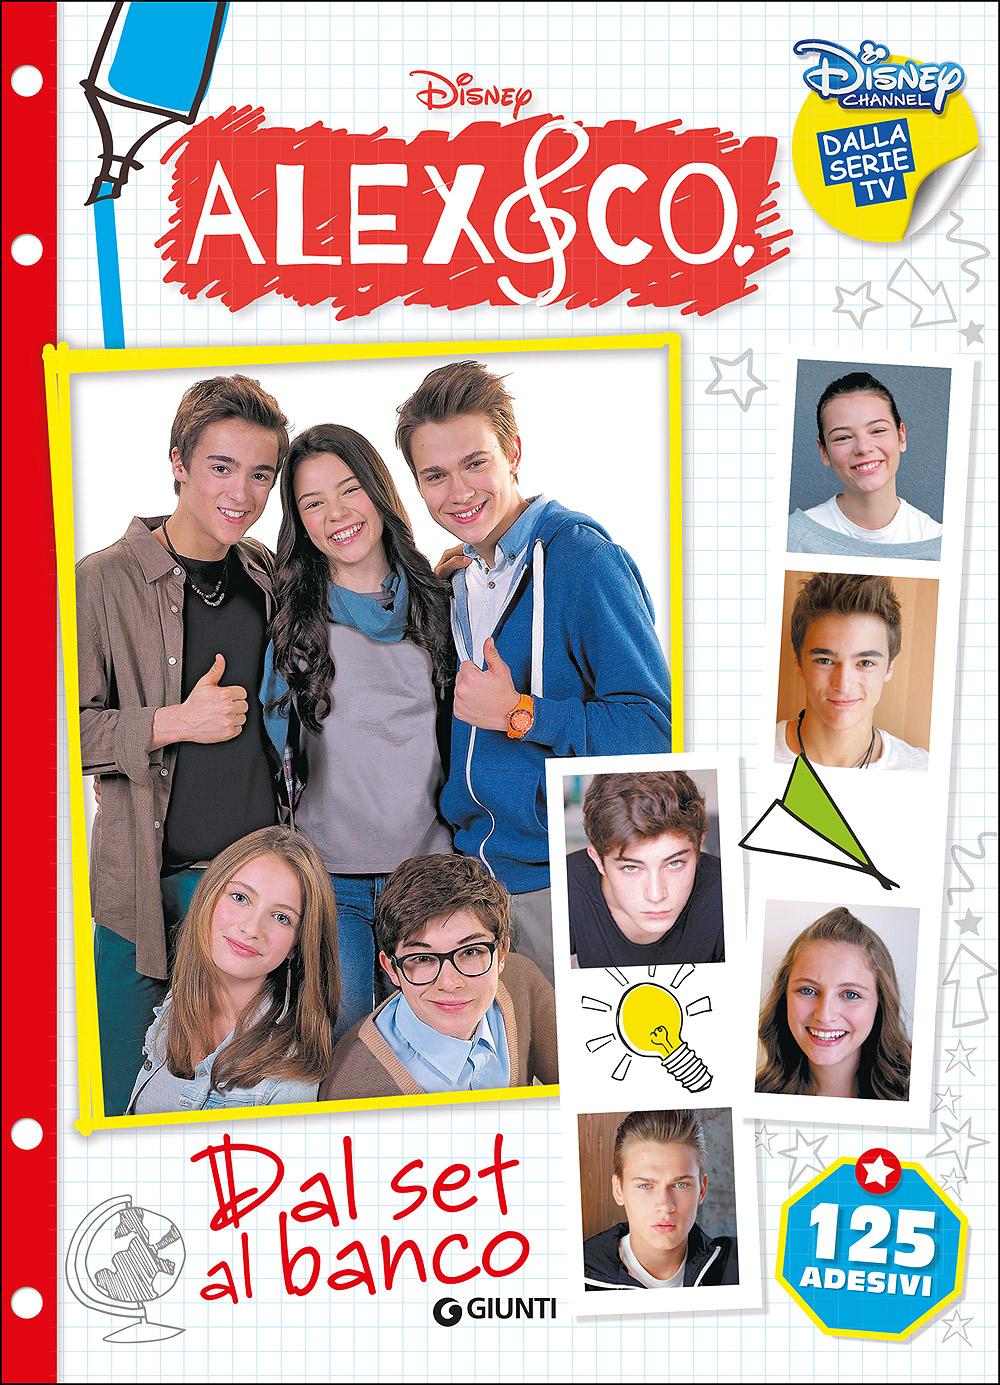 Decor Art - Alex & Co. Dal set al banco